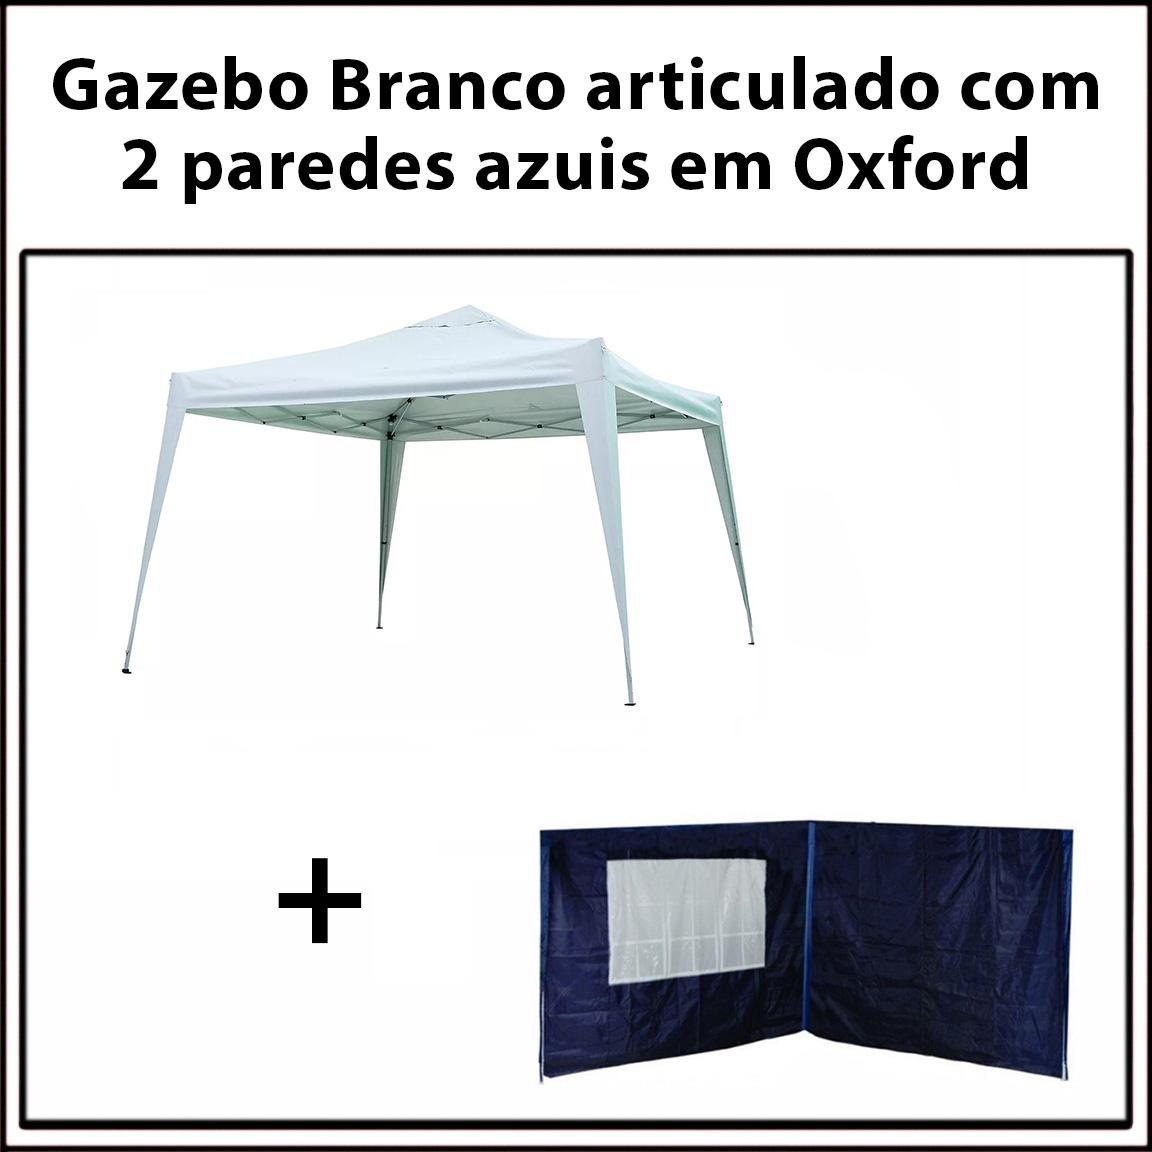 Gazebo 3x3 Articulado Branco em Aço + 2 Paredes Azuis de Oxford Eleva Mundi